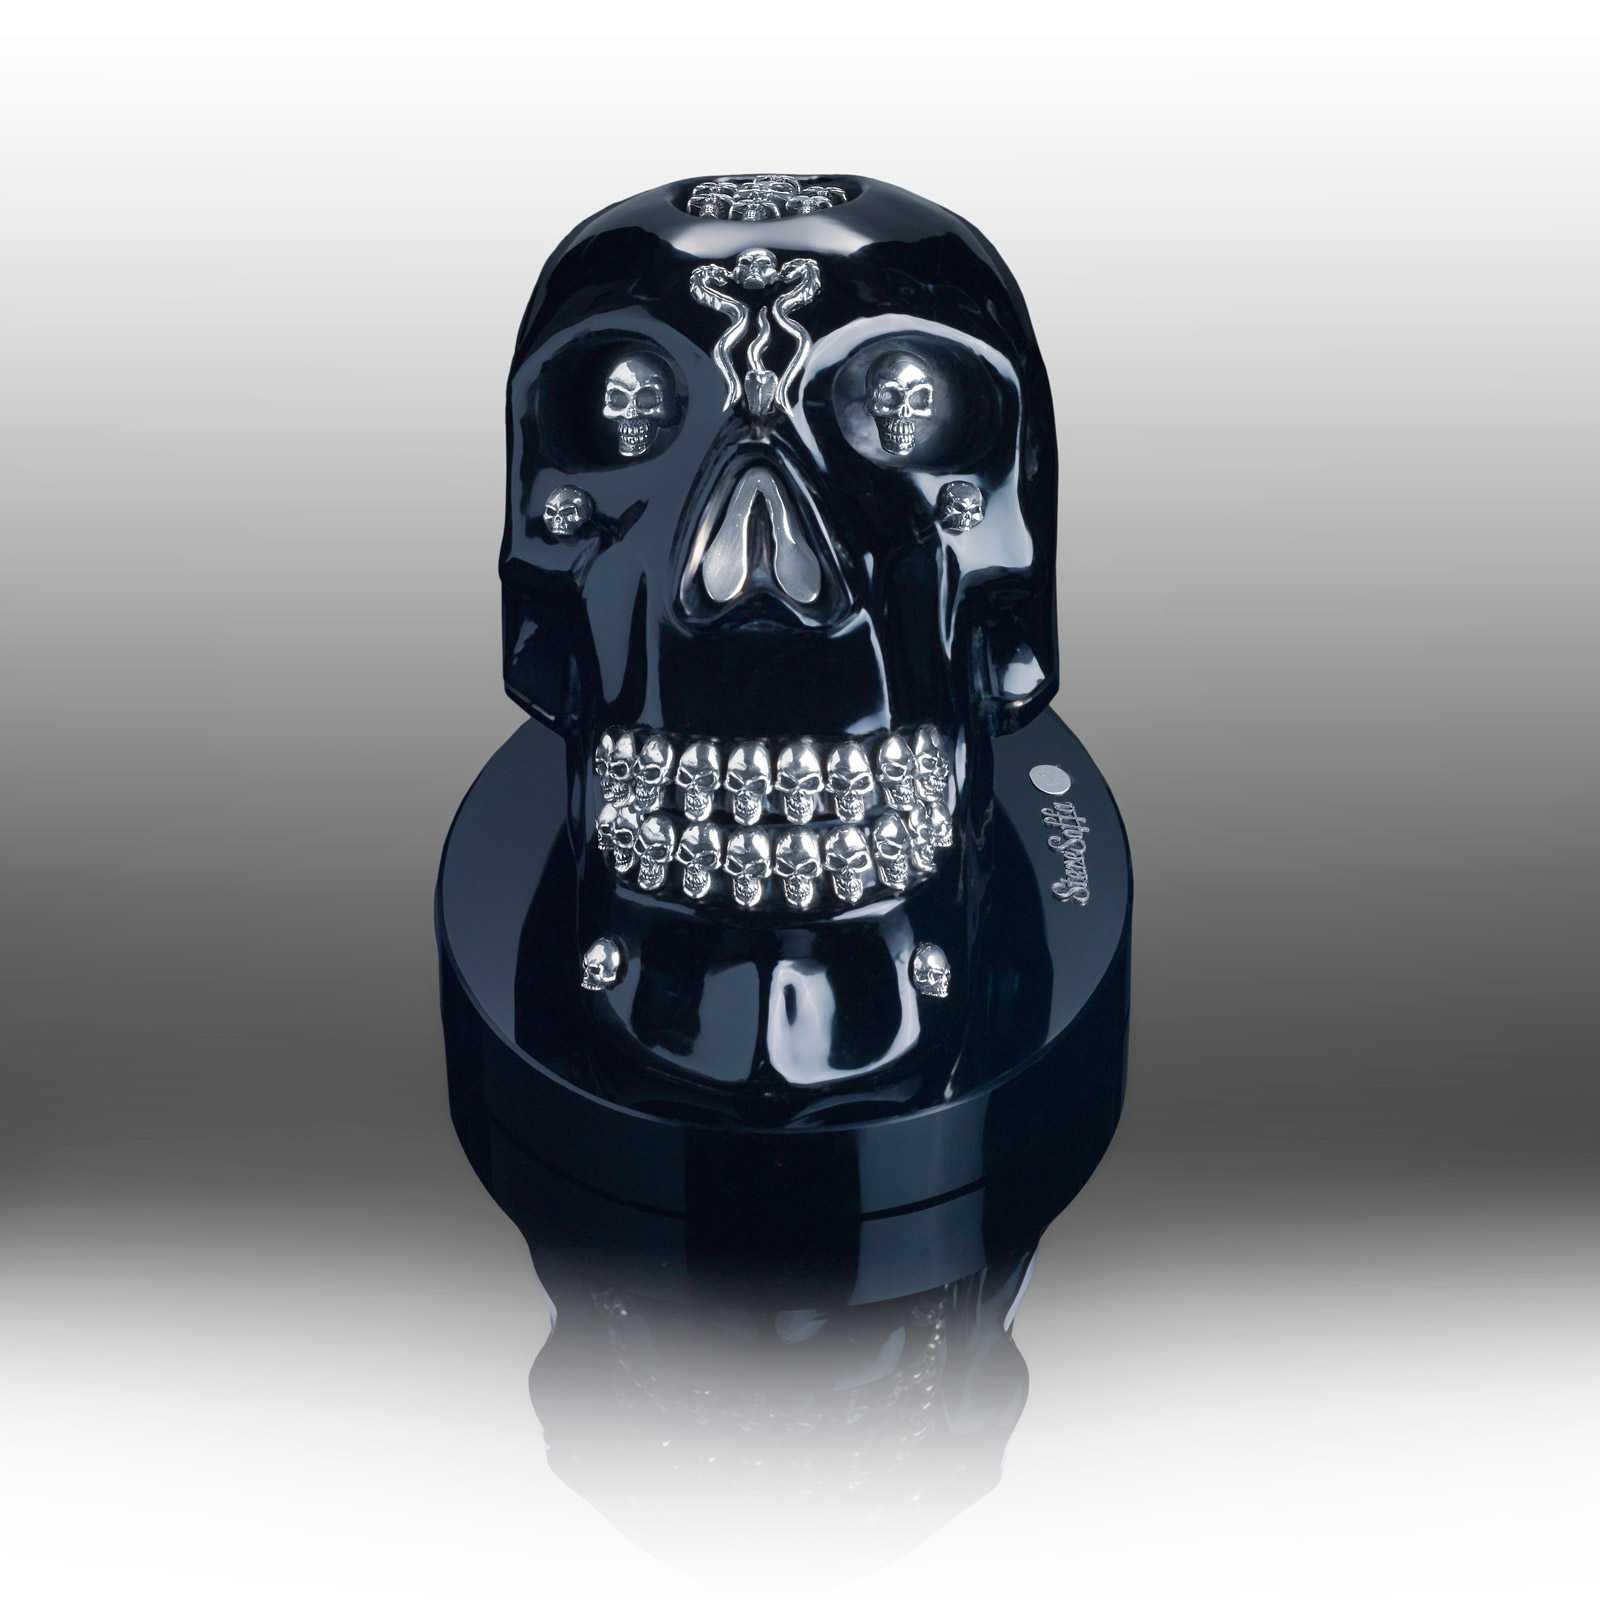 SCU9050-SL SCU9050-SL Skull Sculpture Silver